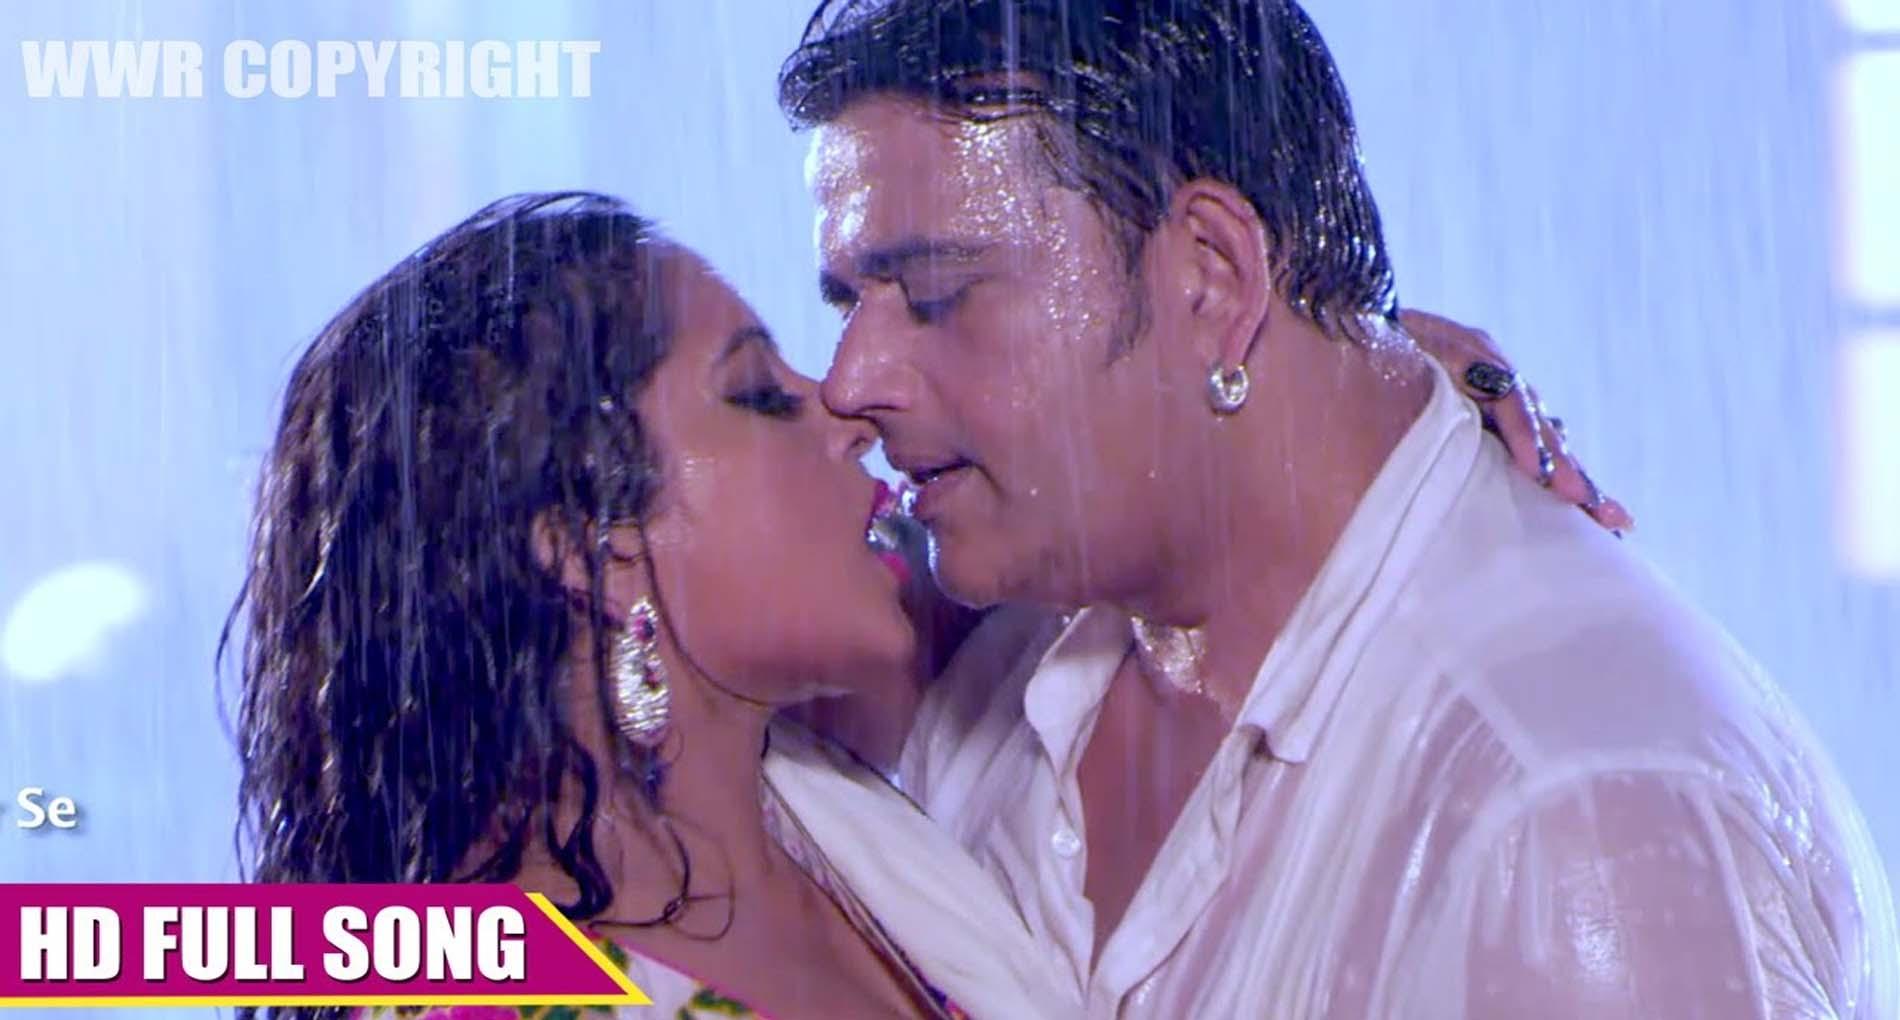 Ravi Kishan Video Song: वायरल हुआ अंजना सिंह और रवि किशन का ये वीडियो सॉन्ग!